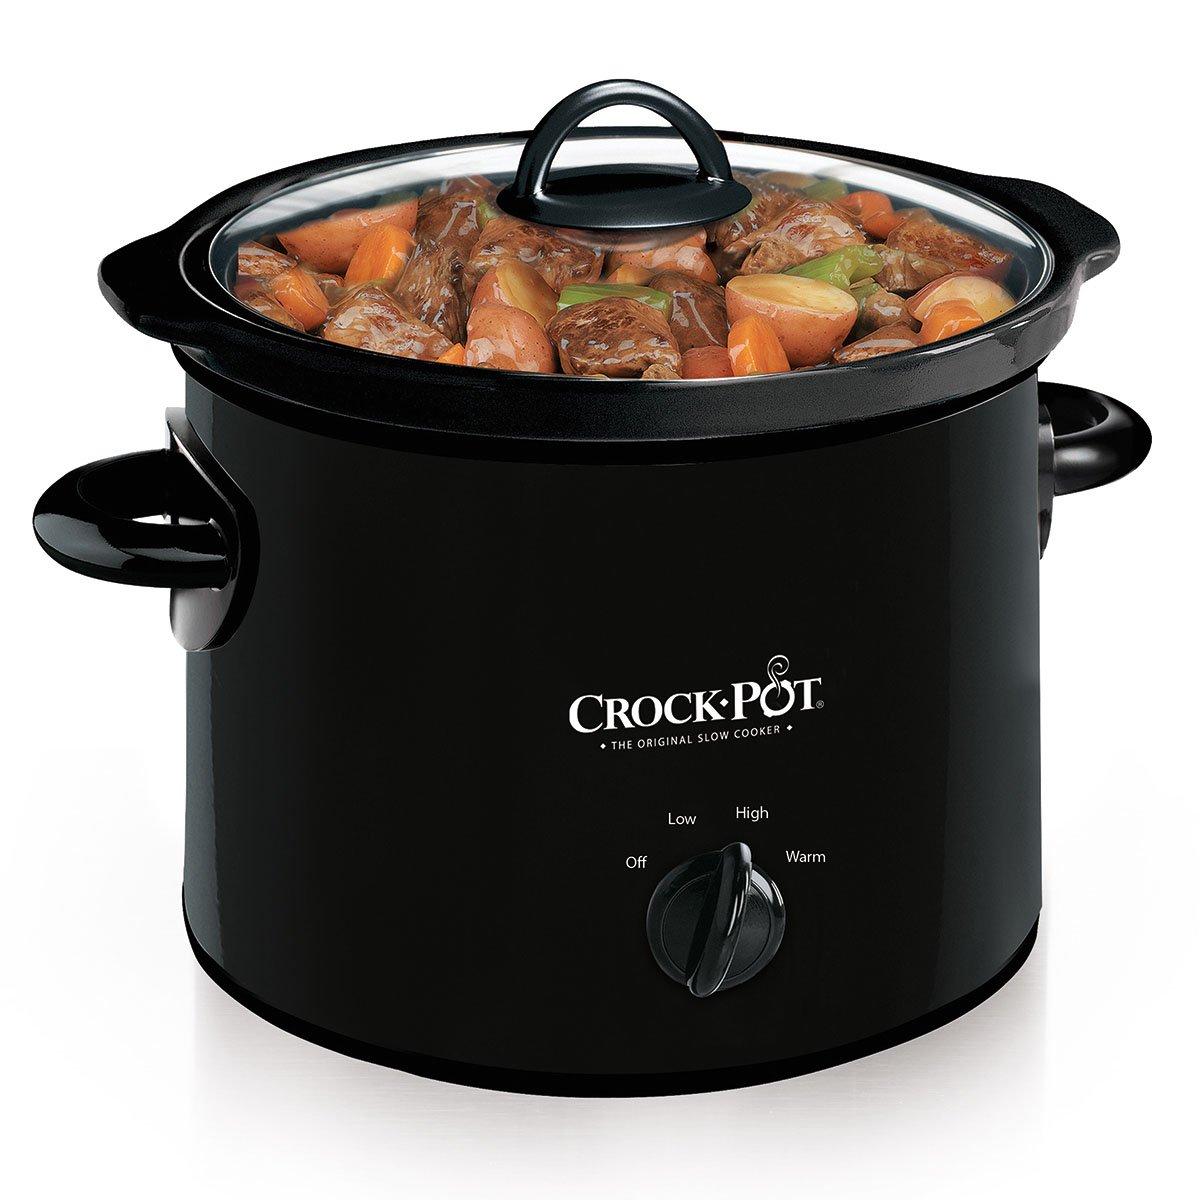 Crock-Pot Manual Slow Cooker, 3 Quart (SCR300-B )